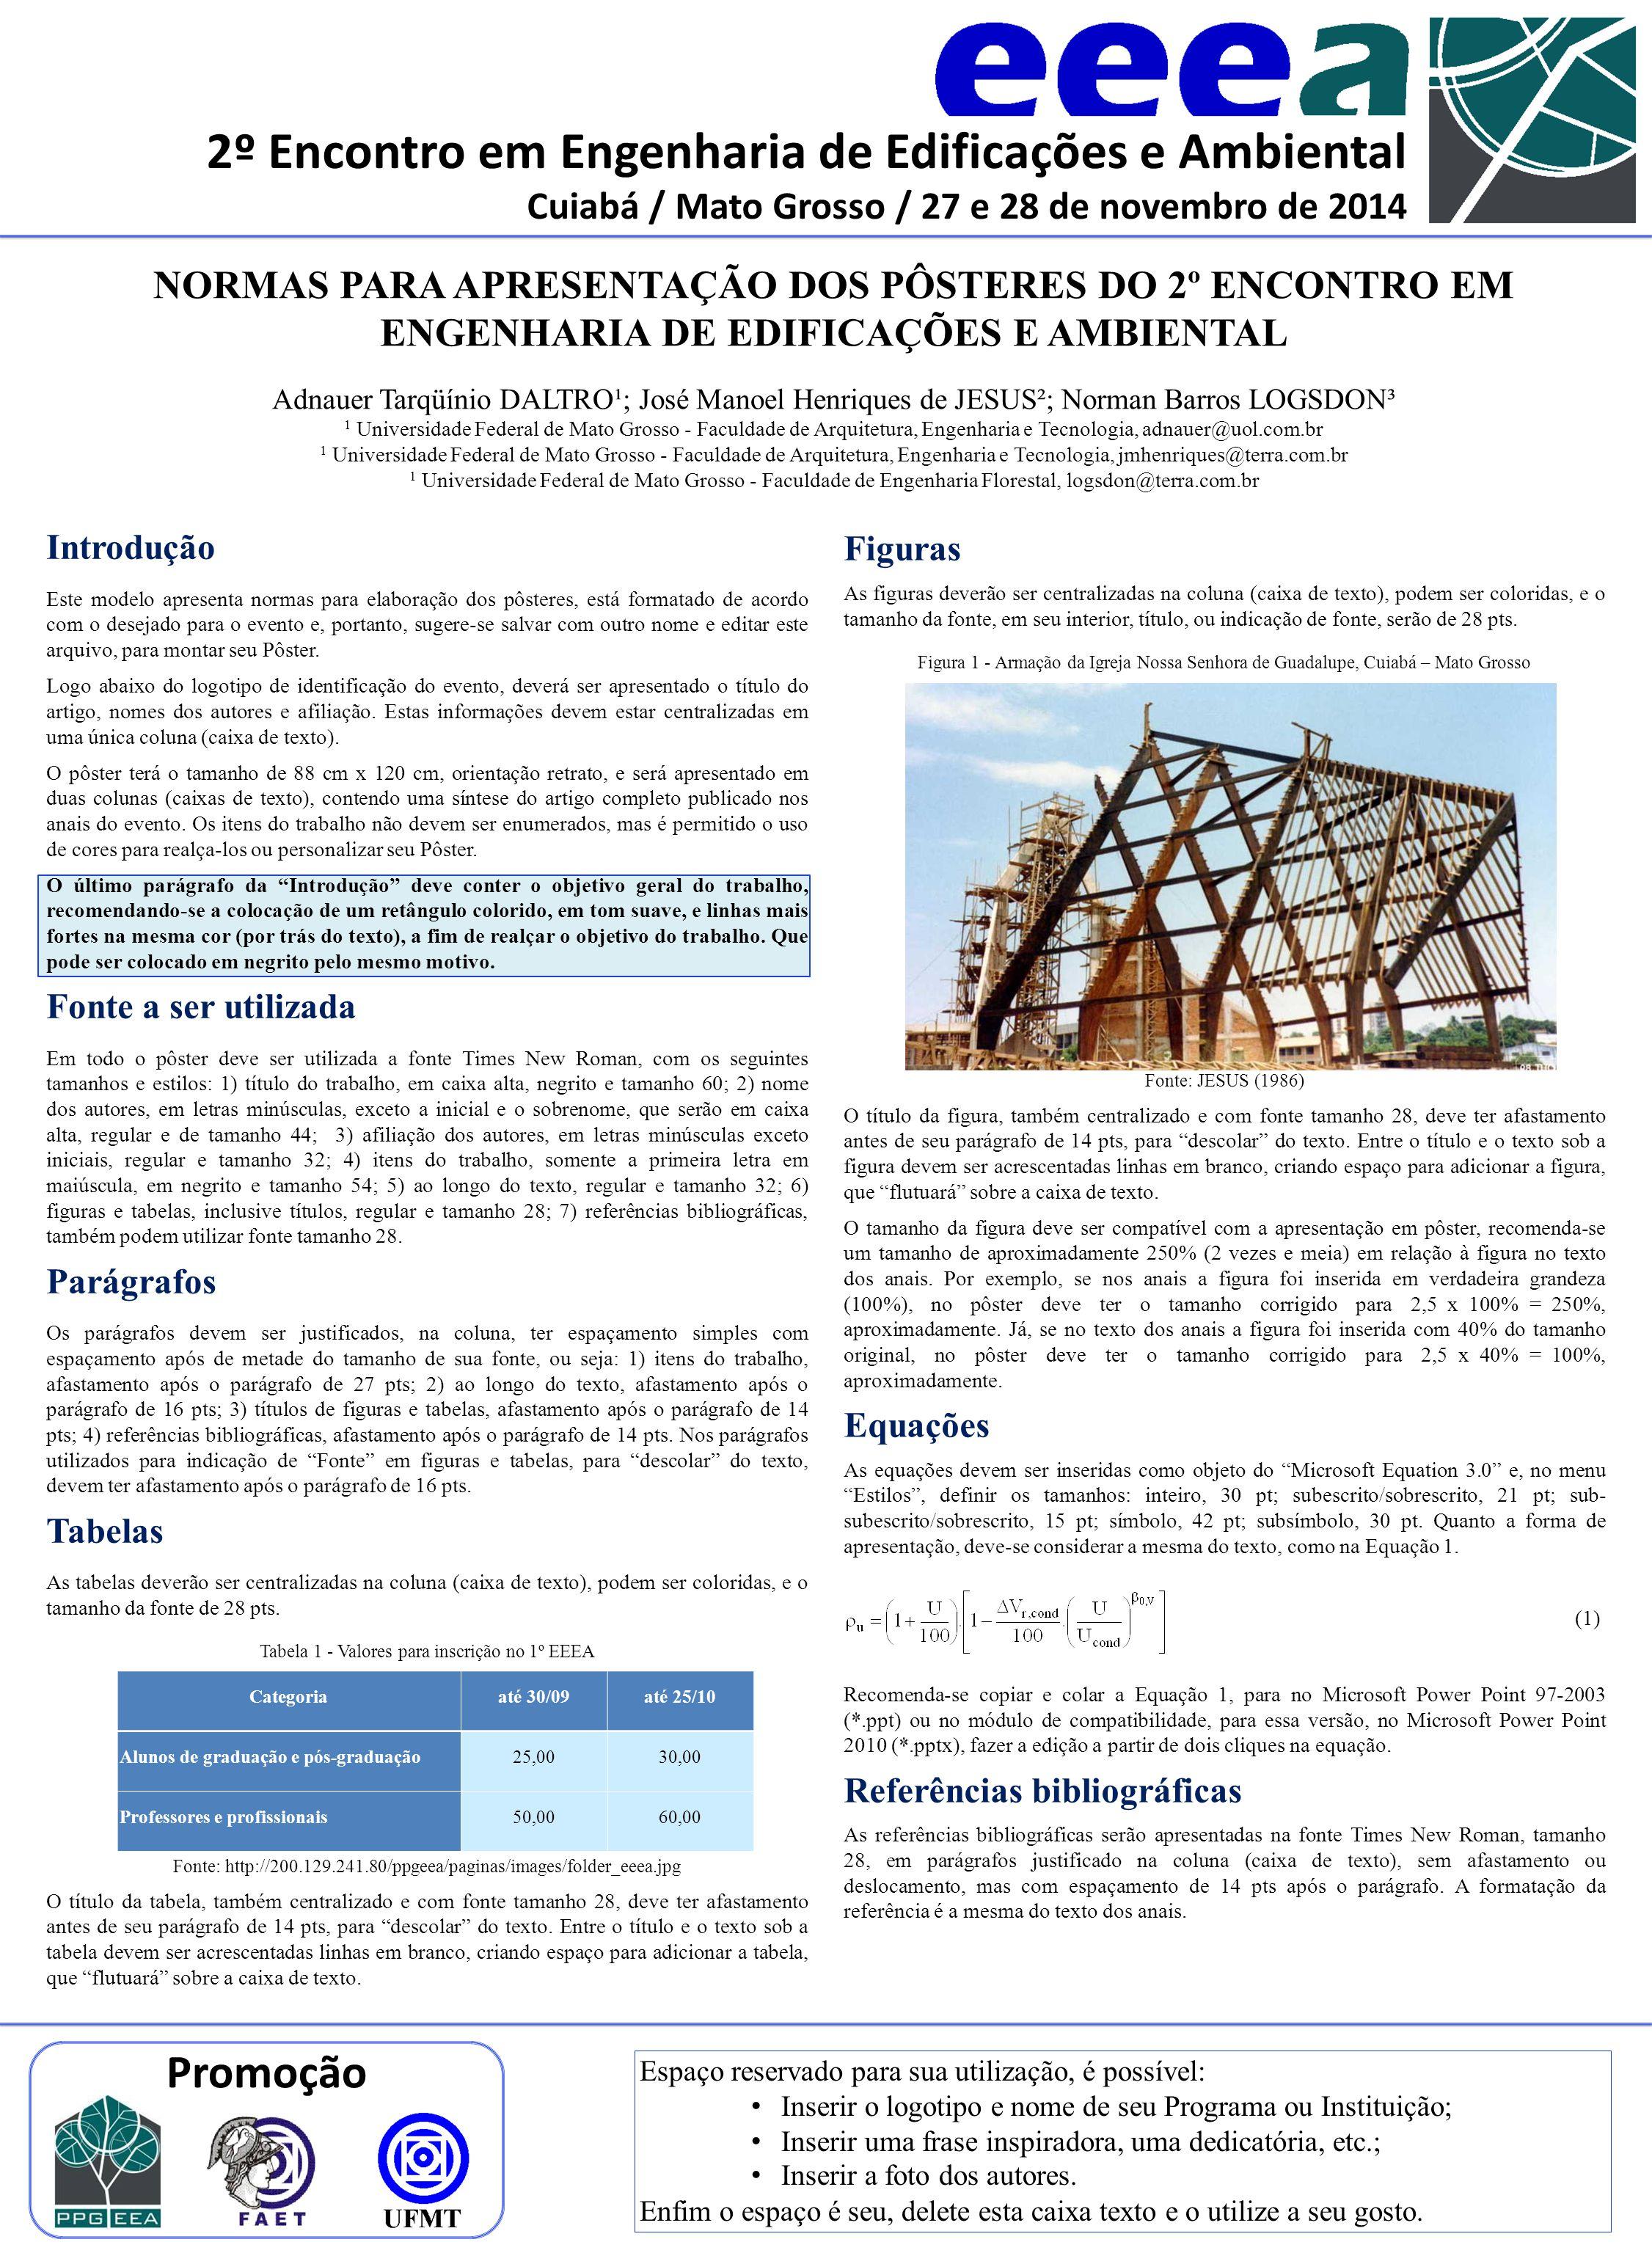 2º Encontro em Engenharia de Edificações e Ambiental Cuiabá / Mato Grosso / 27 e 28 de novembro de 2014 Promoção NORMAS PARA APRESENTAÇÃO DOS PÔSTERES